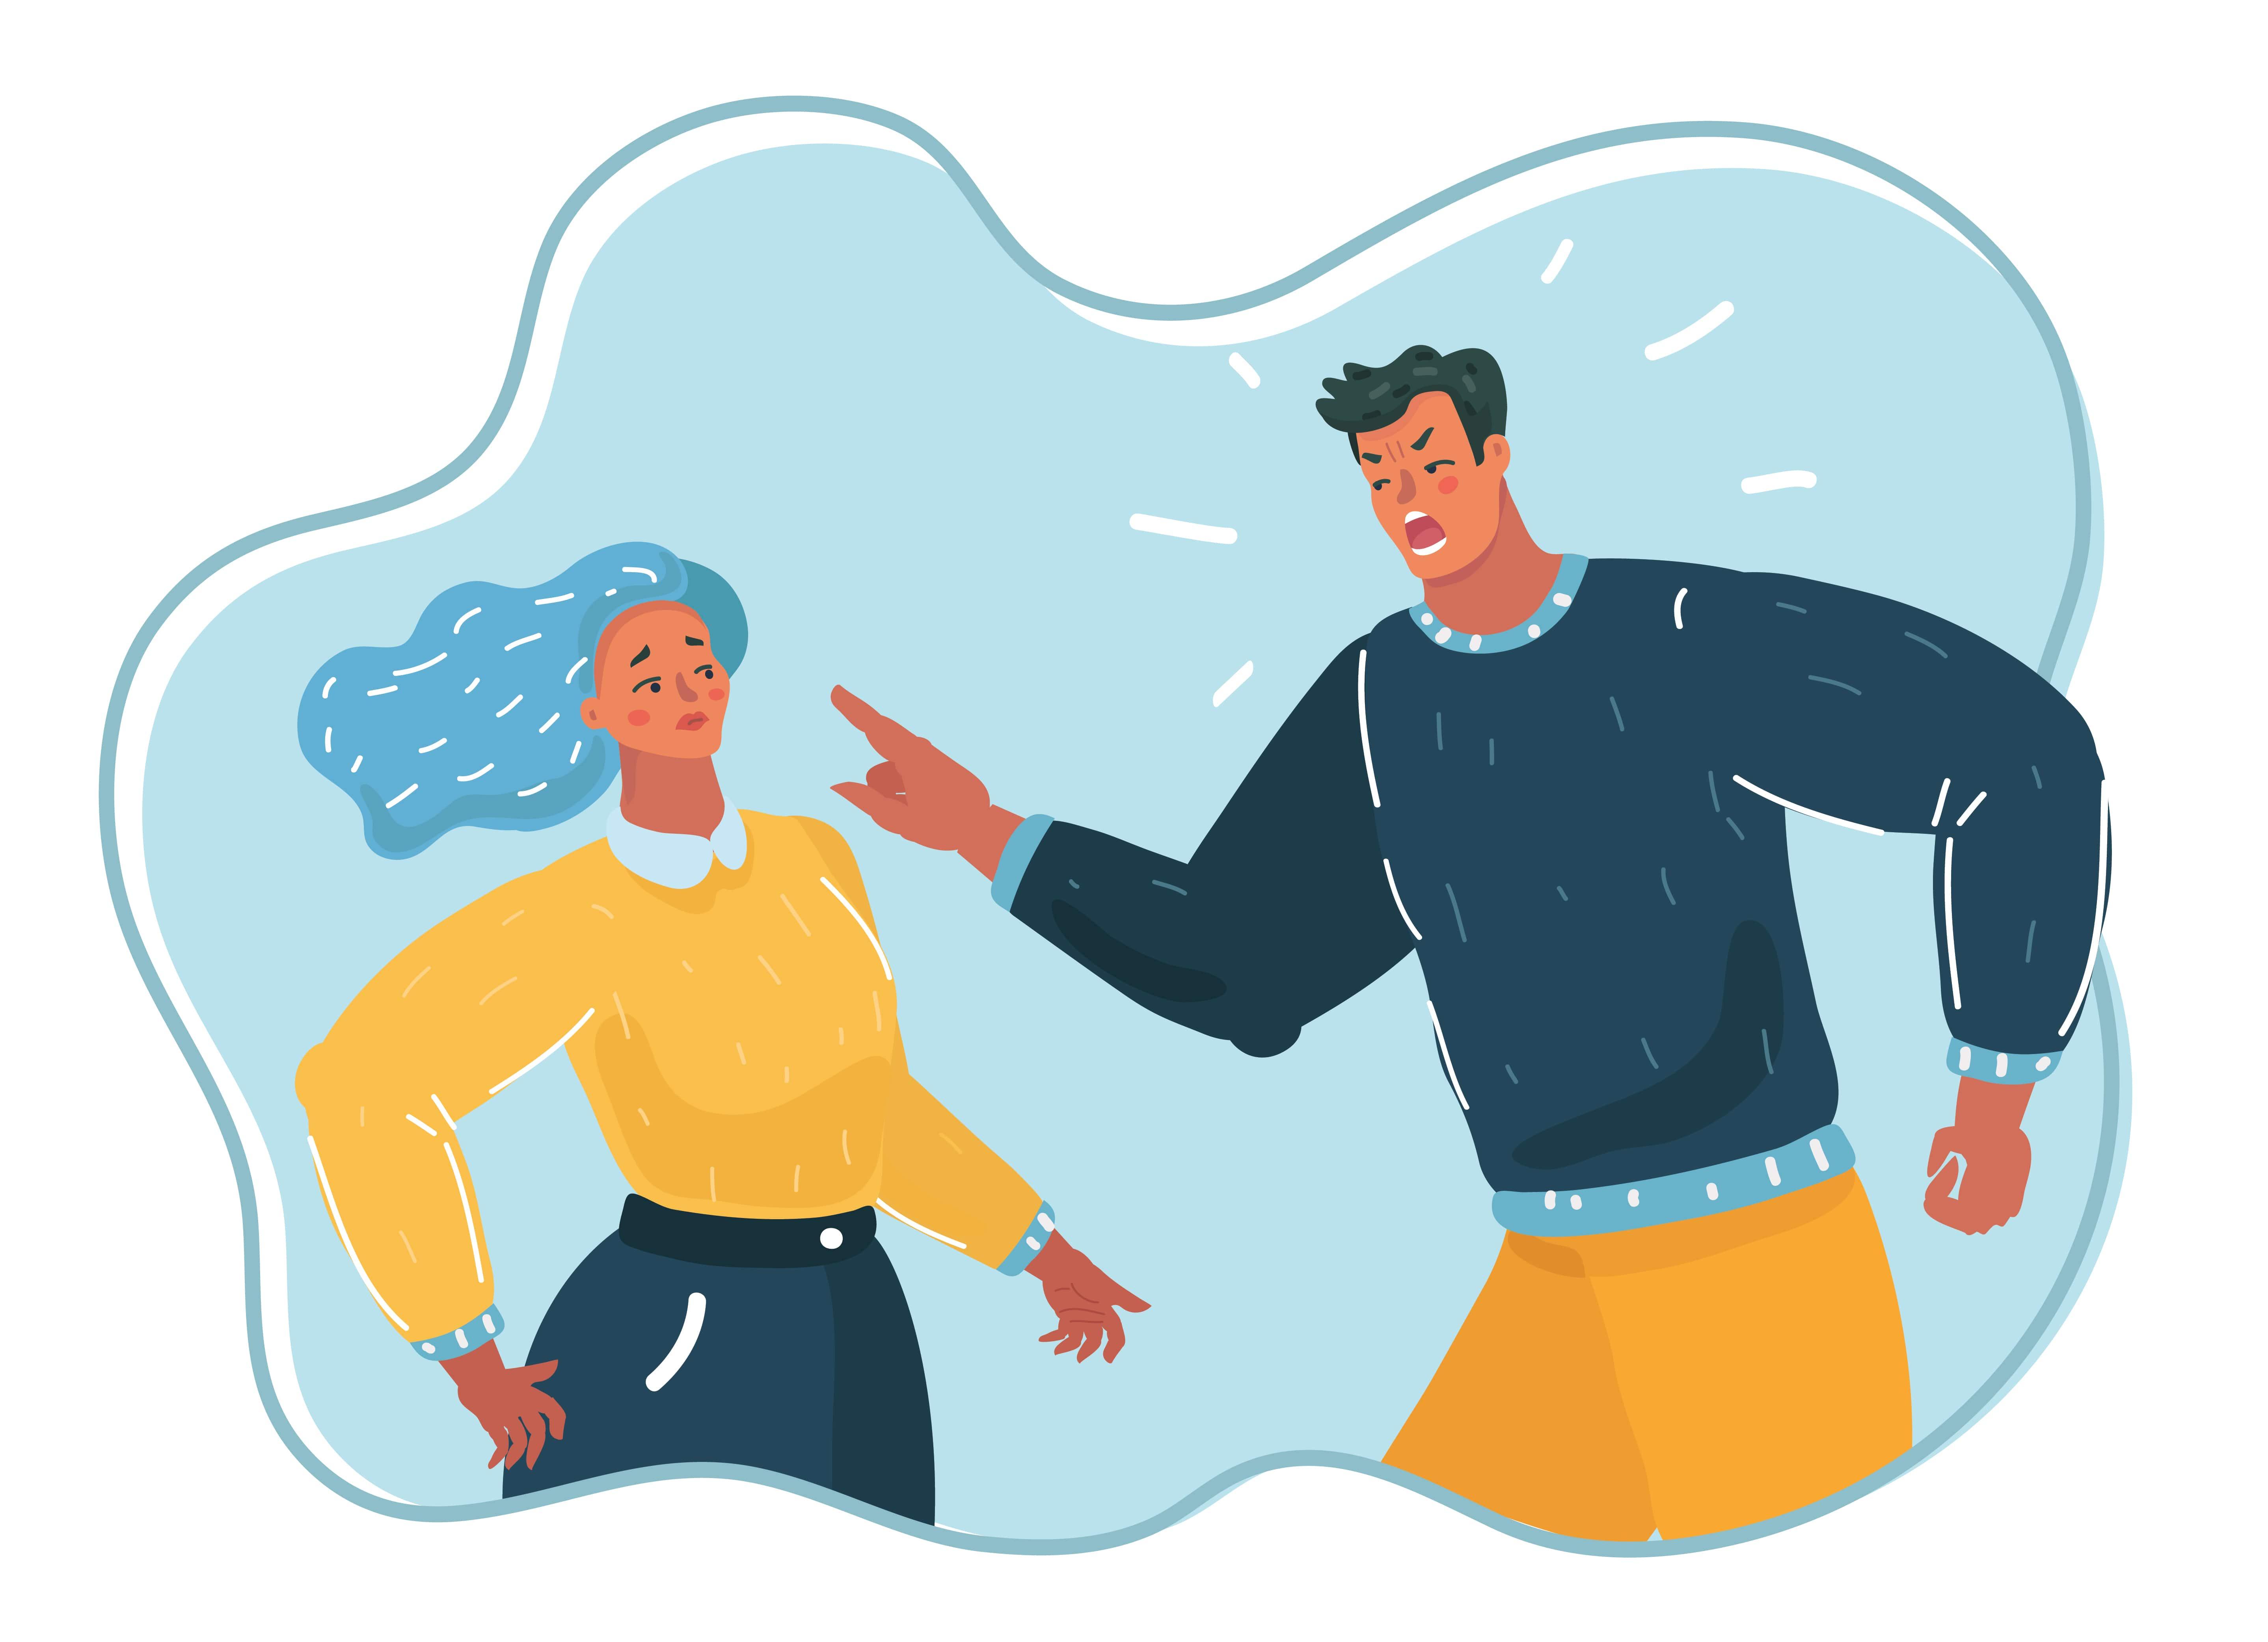 Sếp quá quắt: Liệu tôi có nên nhảy việc hay không?